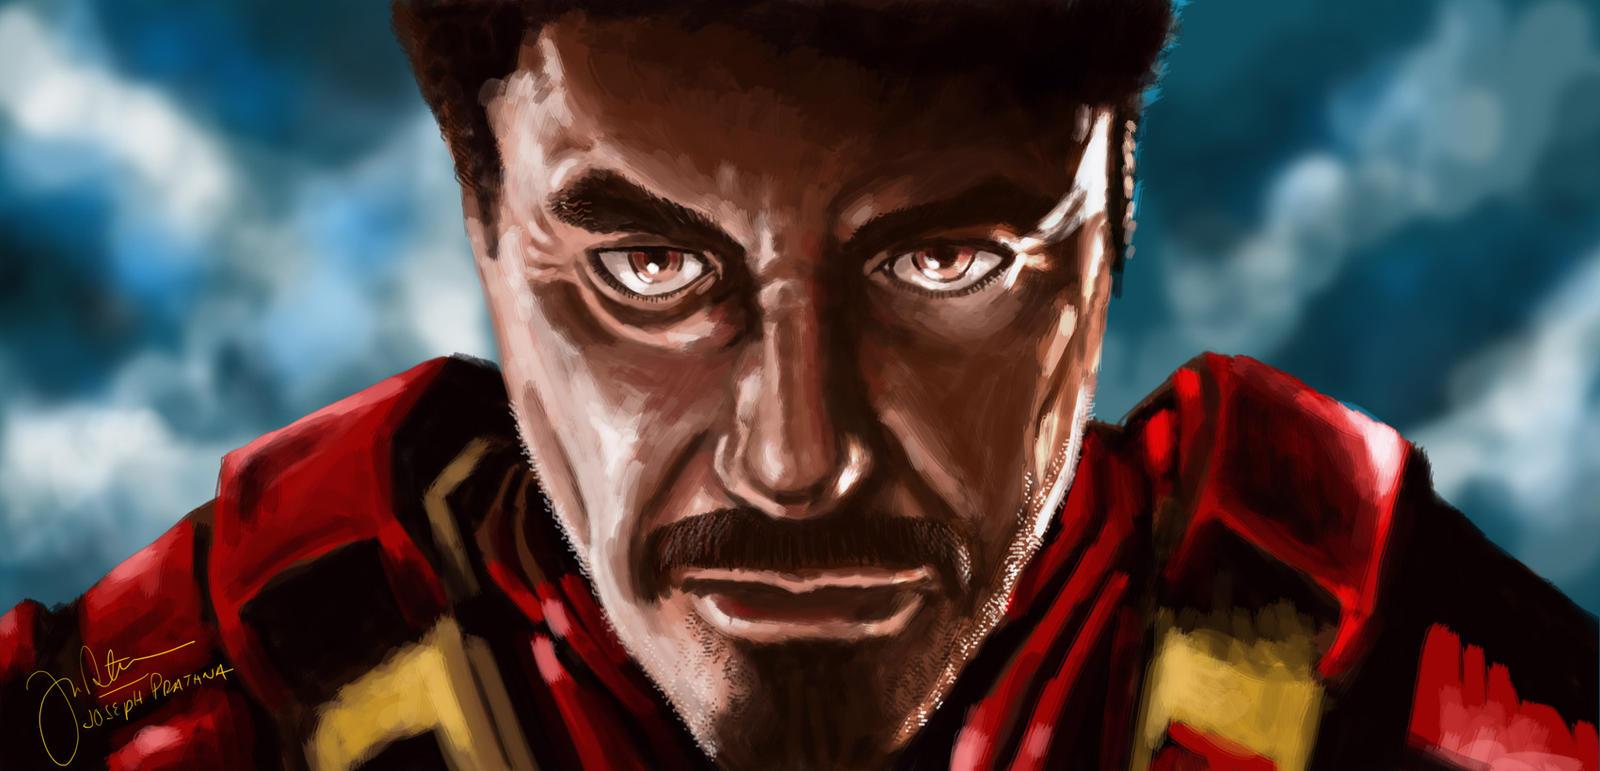 Tony Stark by jpratana